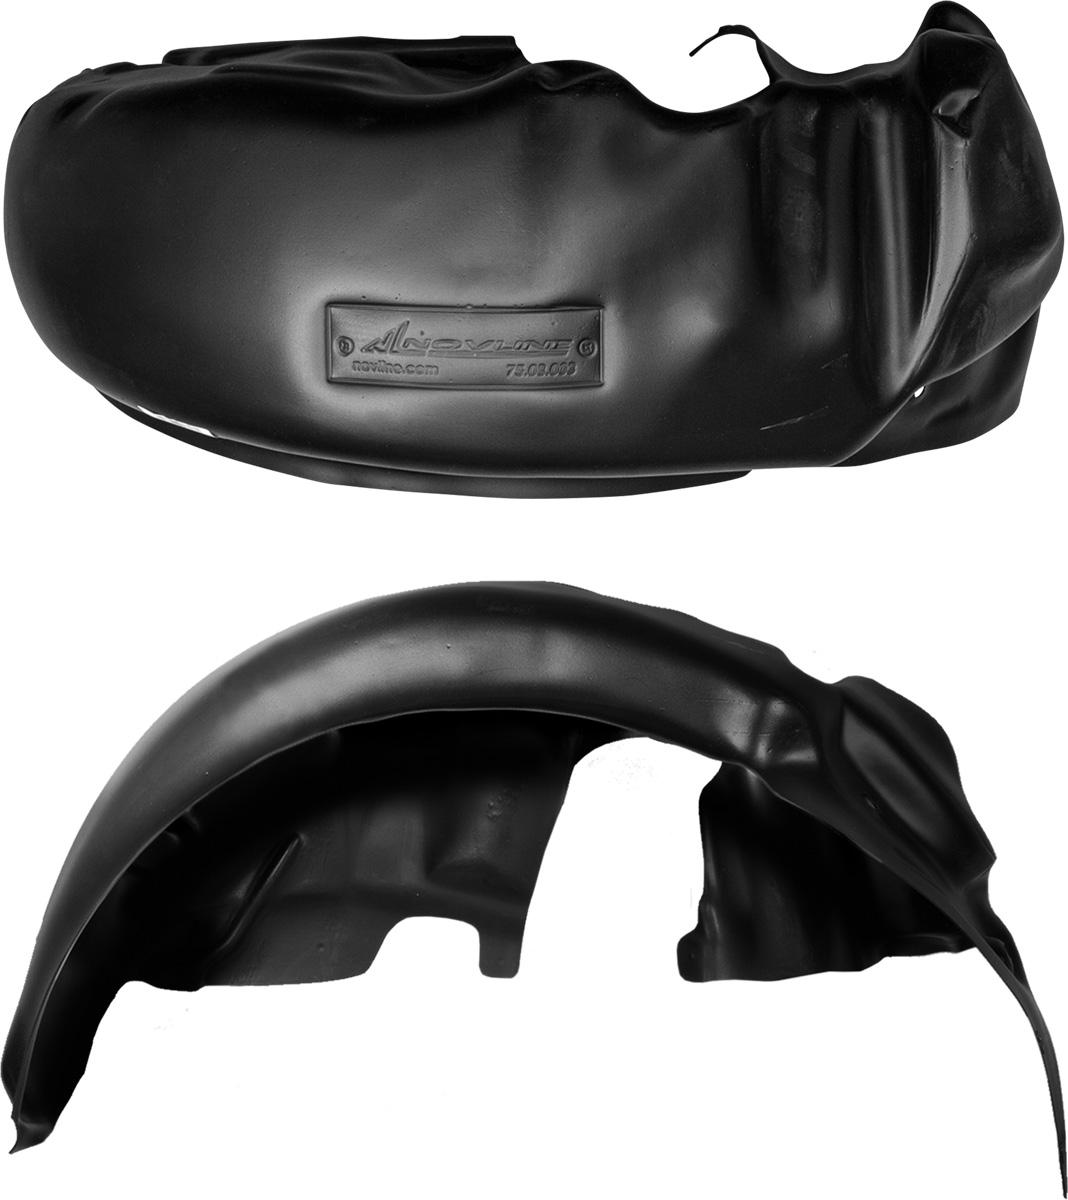 Подкрылок Novline-Autofamily, для Mitsubishi Outlander, 2012->, задний правый1004900000360Колесные ниши - одни из самых уязвимых зон днища вашего автомобиля. Они постоянно подвергаются воздействию со стороны дороги. Лучшая, почти абсолютная защита для них - специально отформованные пластиковые кожухи, которые называются подкрылками. Производятся они как для отечественных моделей автомобилей, так и для иномарок. Подкрылки Novline-Autofamily выполнены из высококачественного, экологически чистого пластика. Обеспечивают надежную защиту кузова автомобиля от пескоструйного эффекта и негативного влияния, агрессивных антигололедных реагентов. Пластик обладает более низкой теплопроводностью, чем металл, поэтому в зимний период эксплуатации использование пластиковых подкрылков позволяет лучше защитить колесные ниши от налипания снега и образования наледи. Оригинальность конструкции подчеркивает элегантность автомобиля, бережно защищает нанесенное на днище кузова антикоррозийное покрытие и позволяет осуществить крепление подкрылков внутри колесной арки практически без дополнительного крепежа и сверления, не нарушая при этом лакокрасочного покрытия, что предотвращает возникновение новых очагов коррозии. Подкрылки долговечны, обладают высокой прочностью и сохраняют заданную форму, а также все свои физико-механические характеристики в самых тяжелых климатических условиях (от -50°С до +50°С).Уважаемые клиенты!Обращаем ваше внимание, на тот факт, что подкрылок имеет форму, соответствующую модели данного автомобиля. Фото служит для визуального восприятия товара.